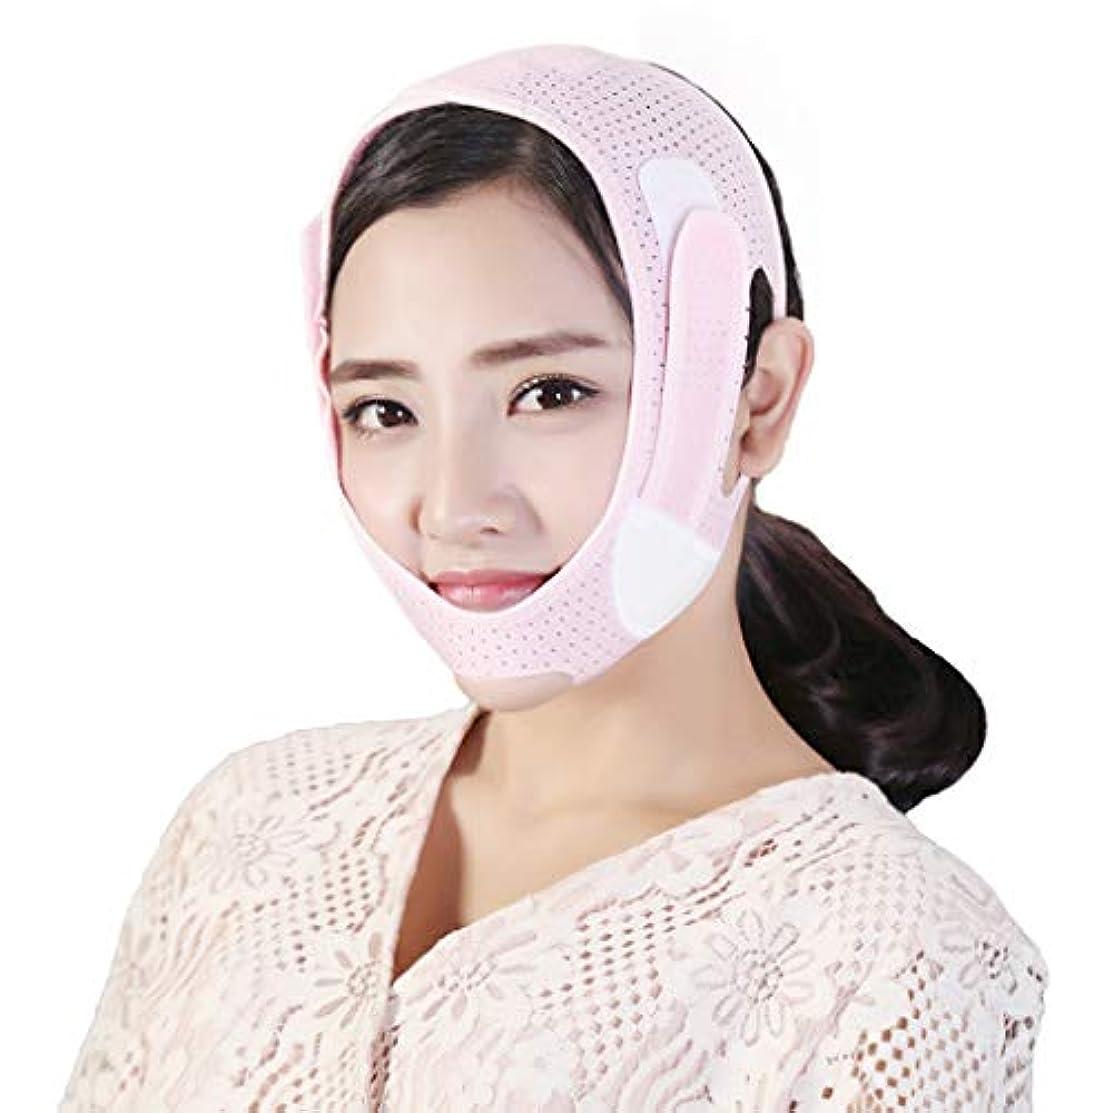 可愛い弾薬狼減量マスク薄い顔のマスクV顔の薄い顔の咬筋ダブル顎の包帯睡眠マスクの通気性